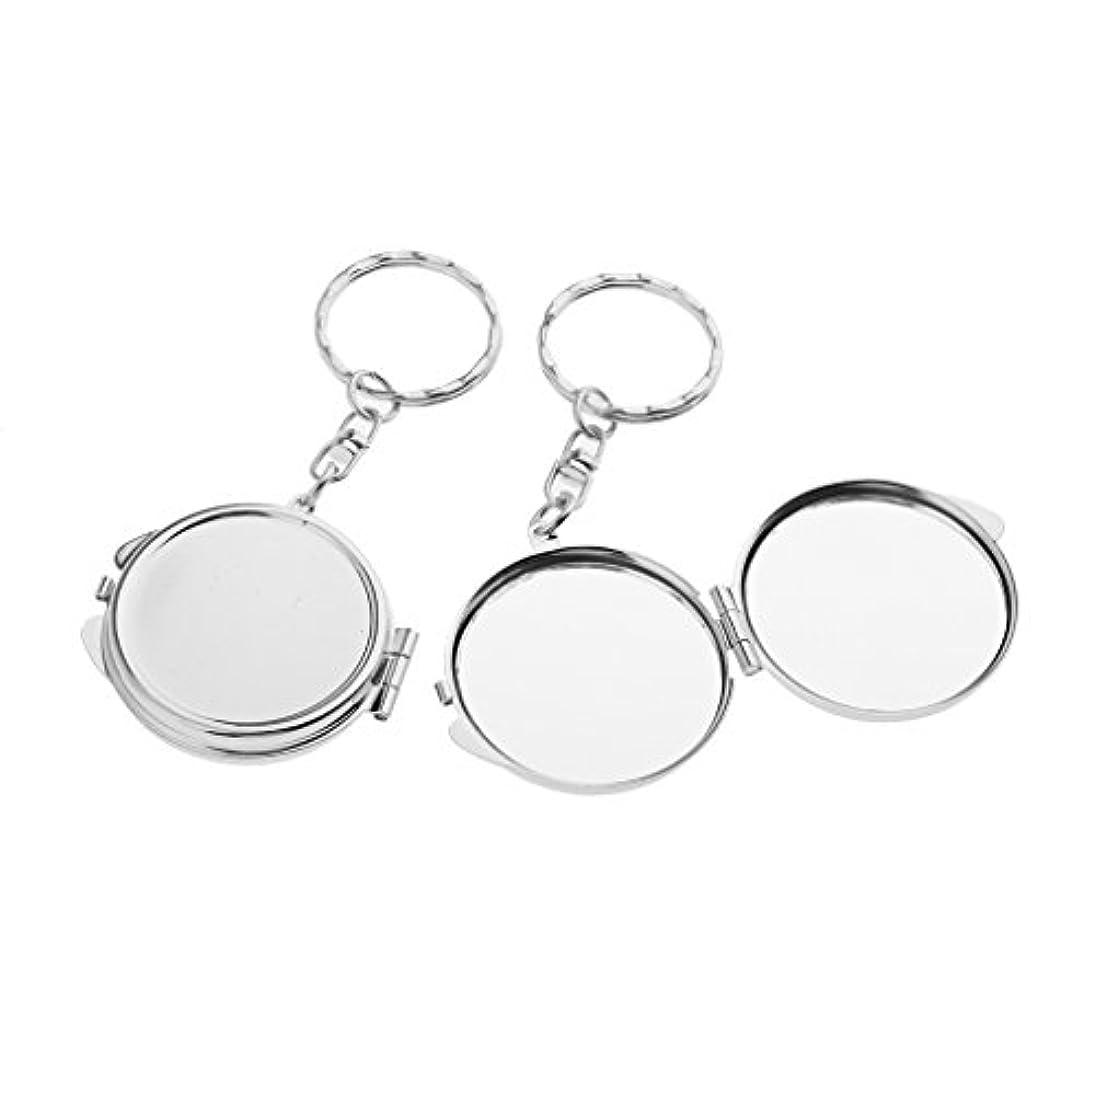 削除する慈悲寄付するSONONIA ミニサイズ ミラー 両面 鏡 折りたたみ式 キーリング デコレーション 化粧鏡 4タイプ選べ - 1